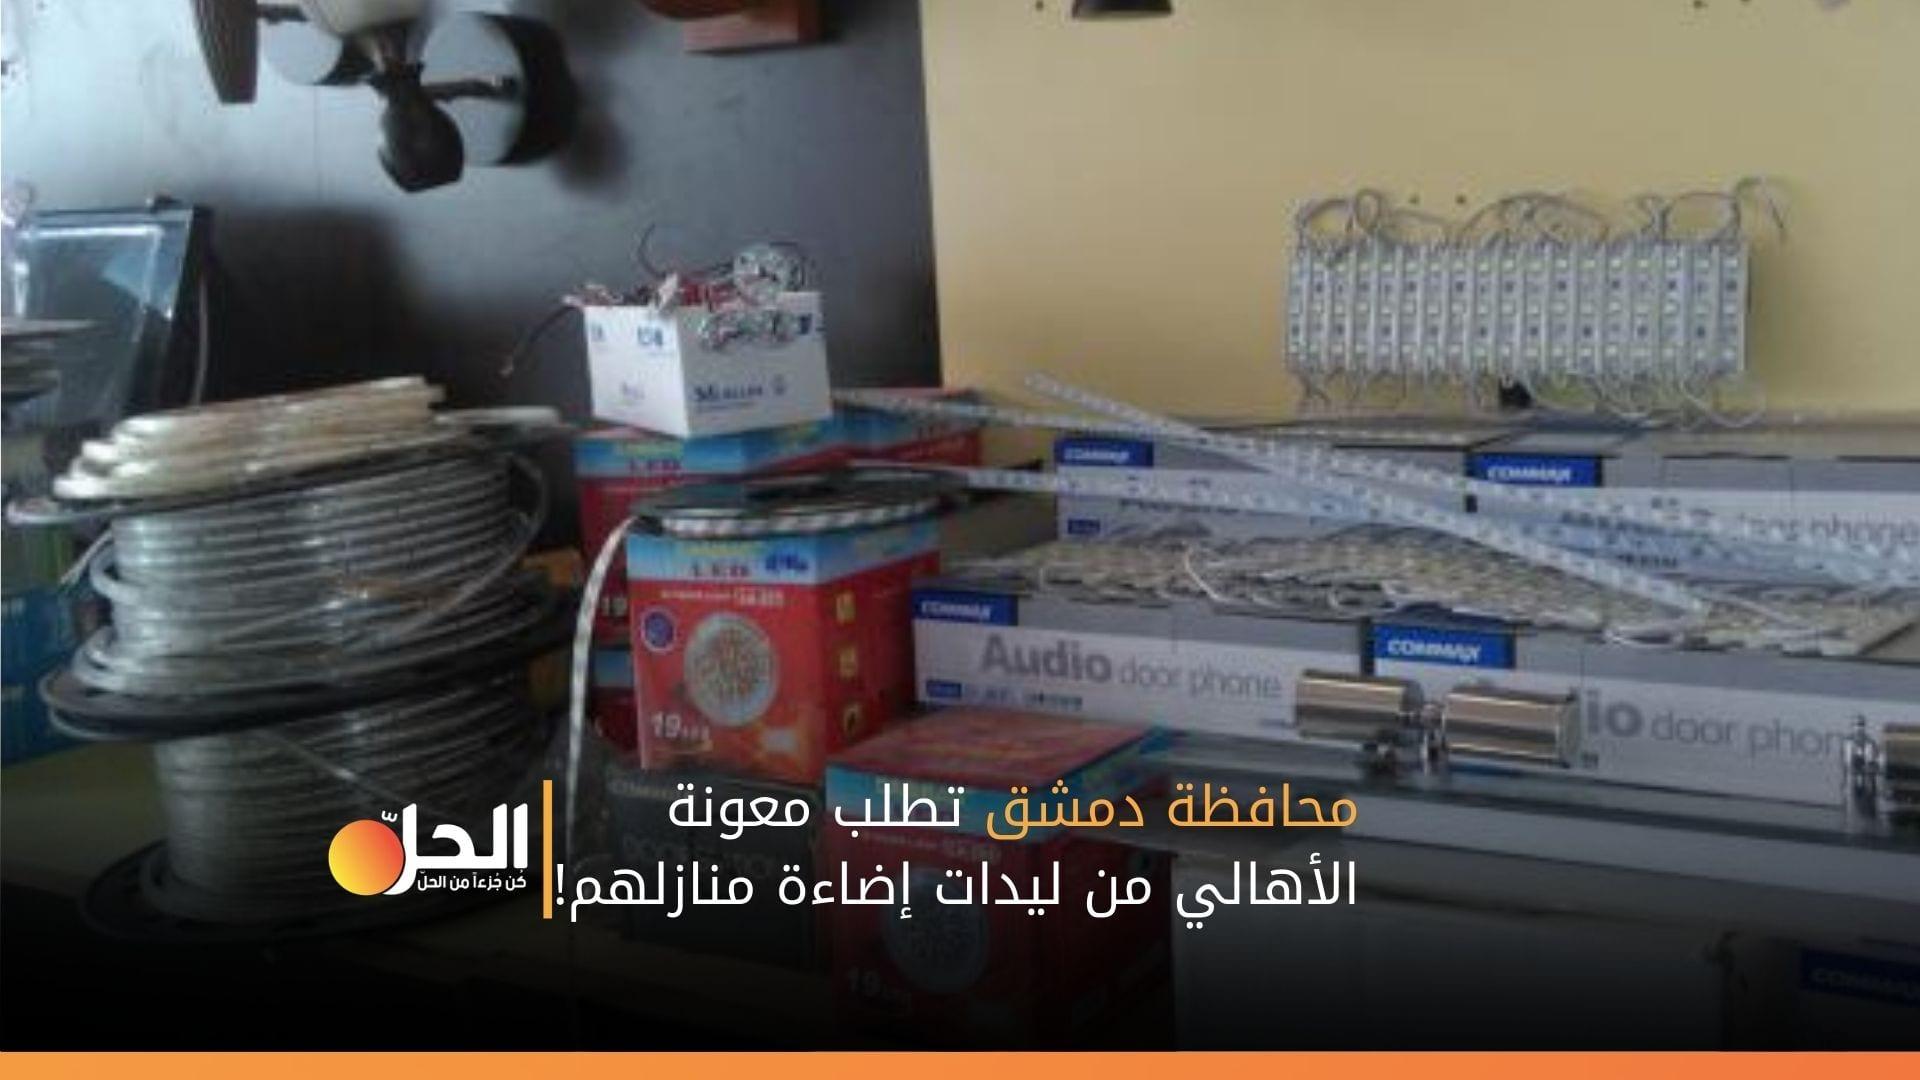 محافظة دمشق تطلب معونة الأهالي من ليدات إضاءة منازلهم!